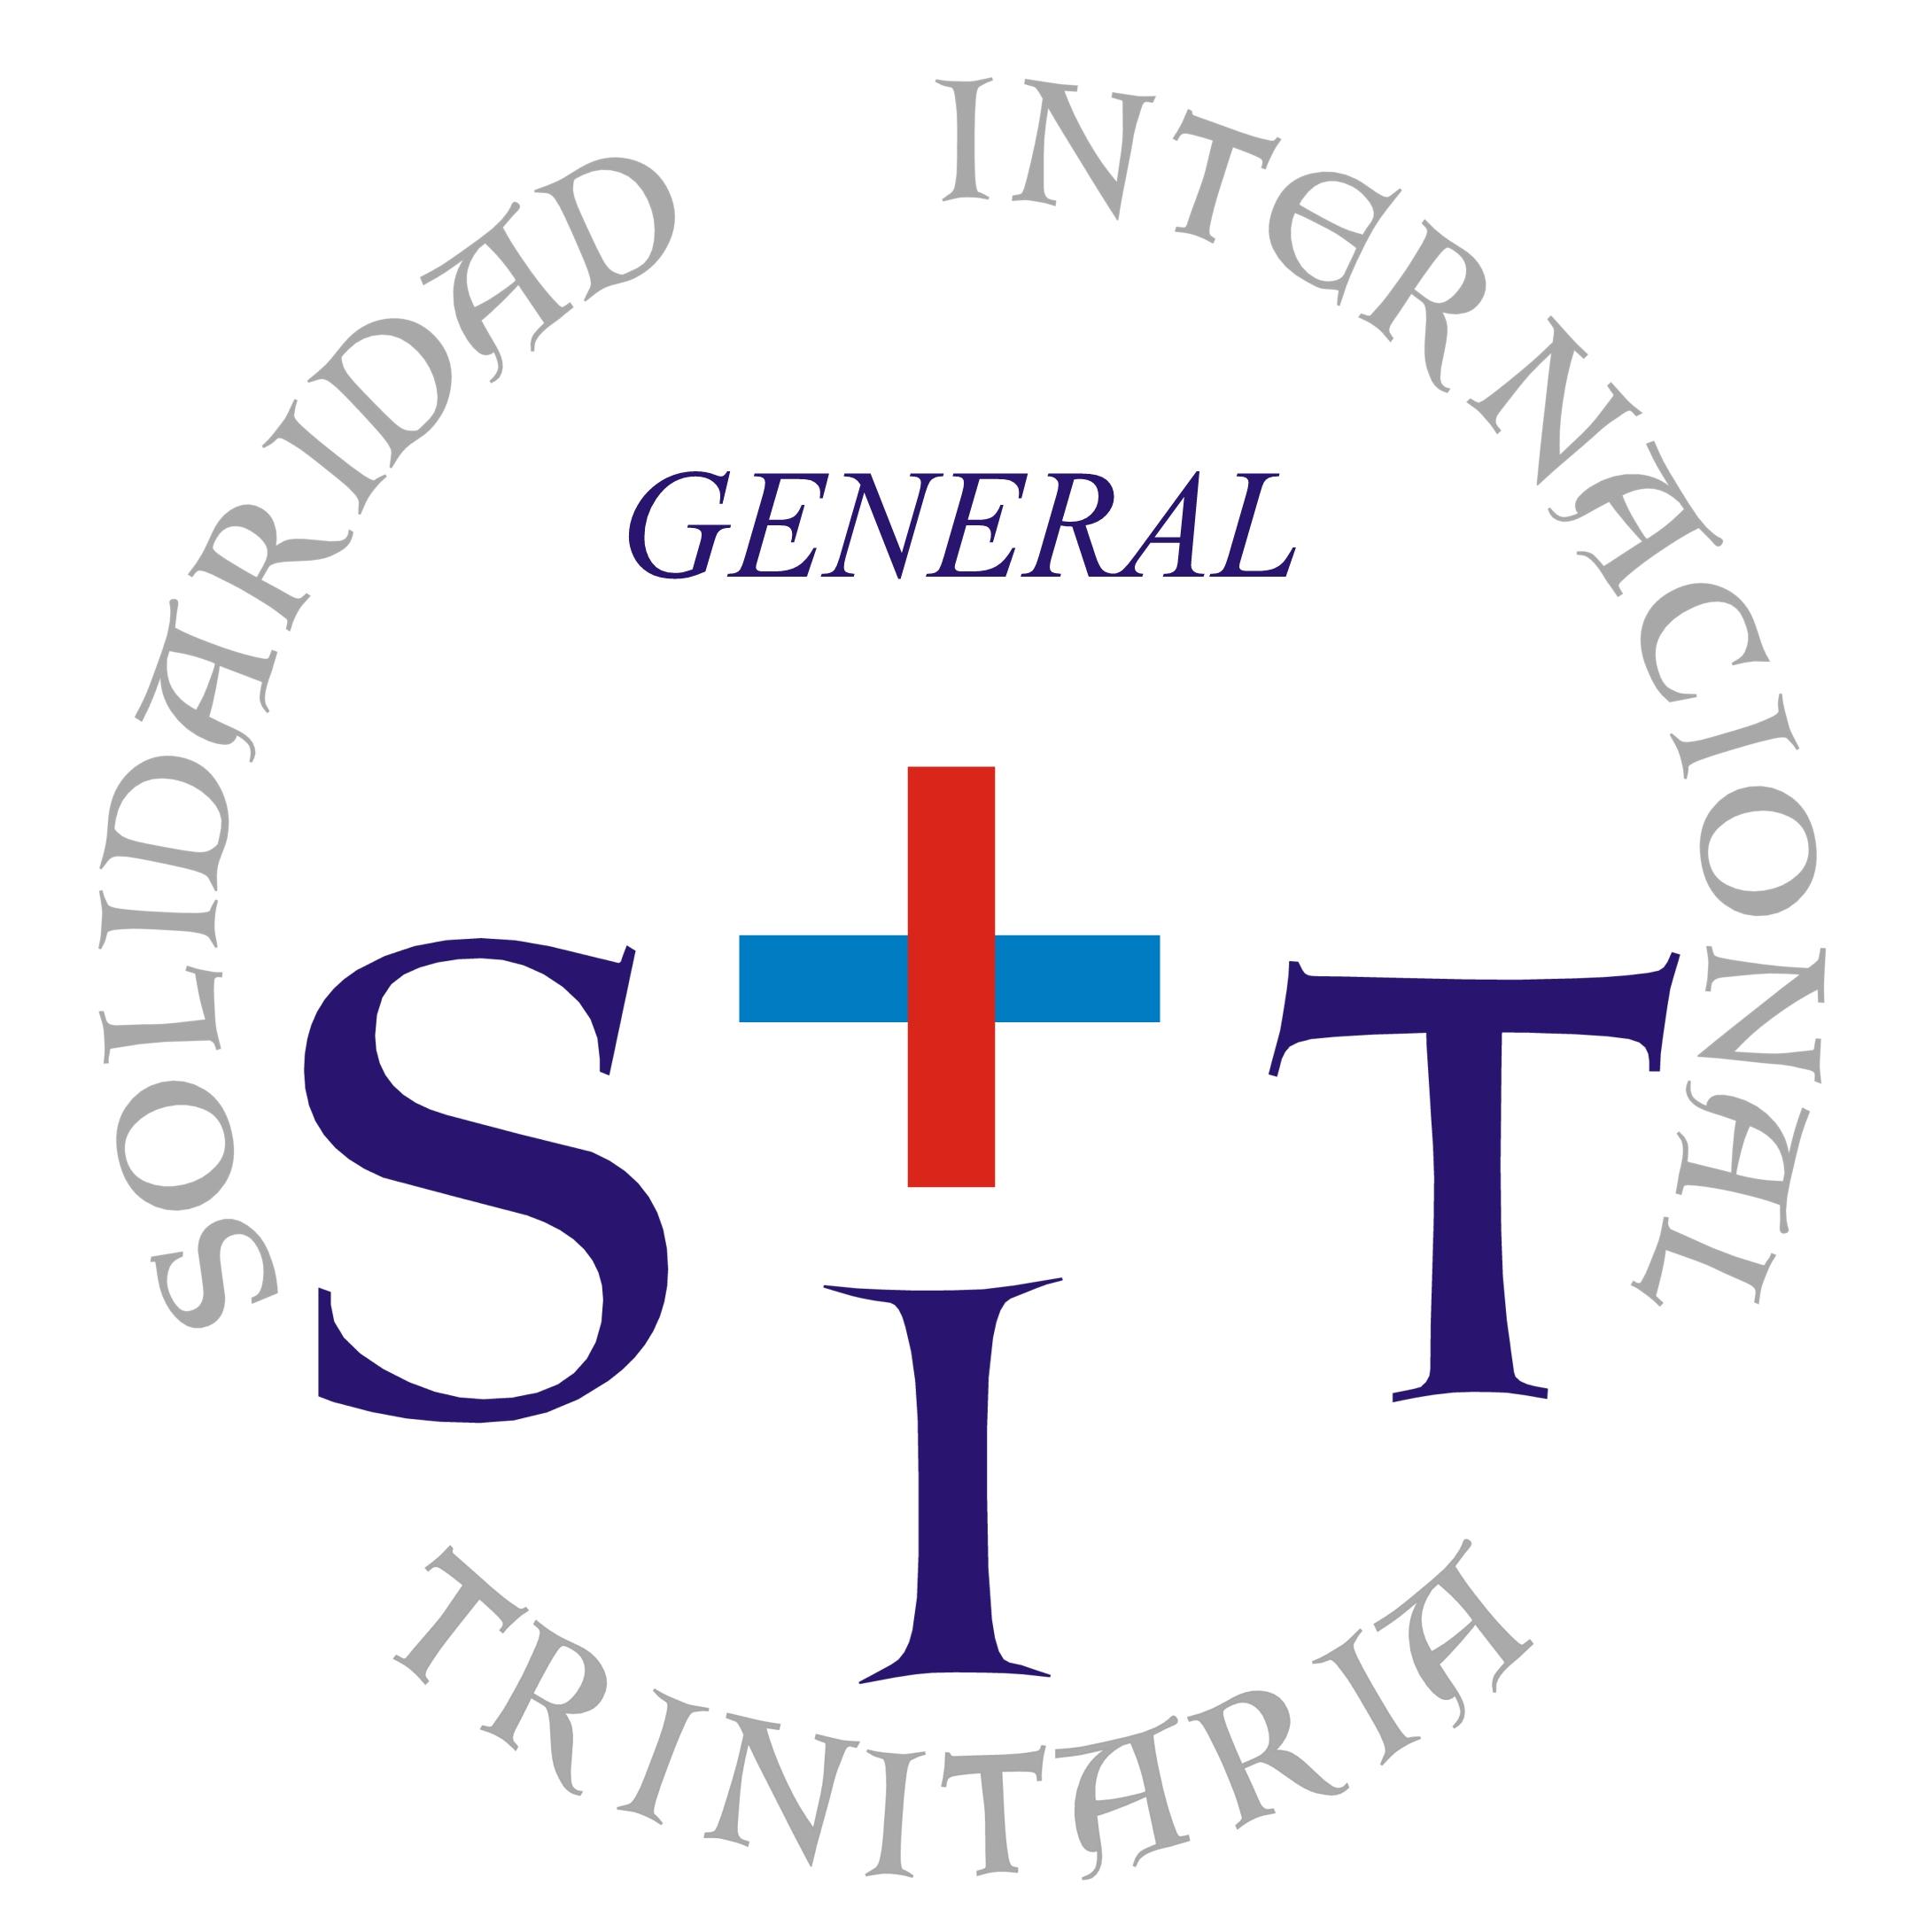 Solidaridad Internacional Trinitaria